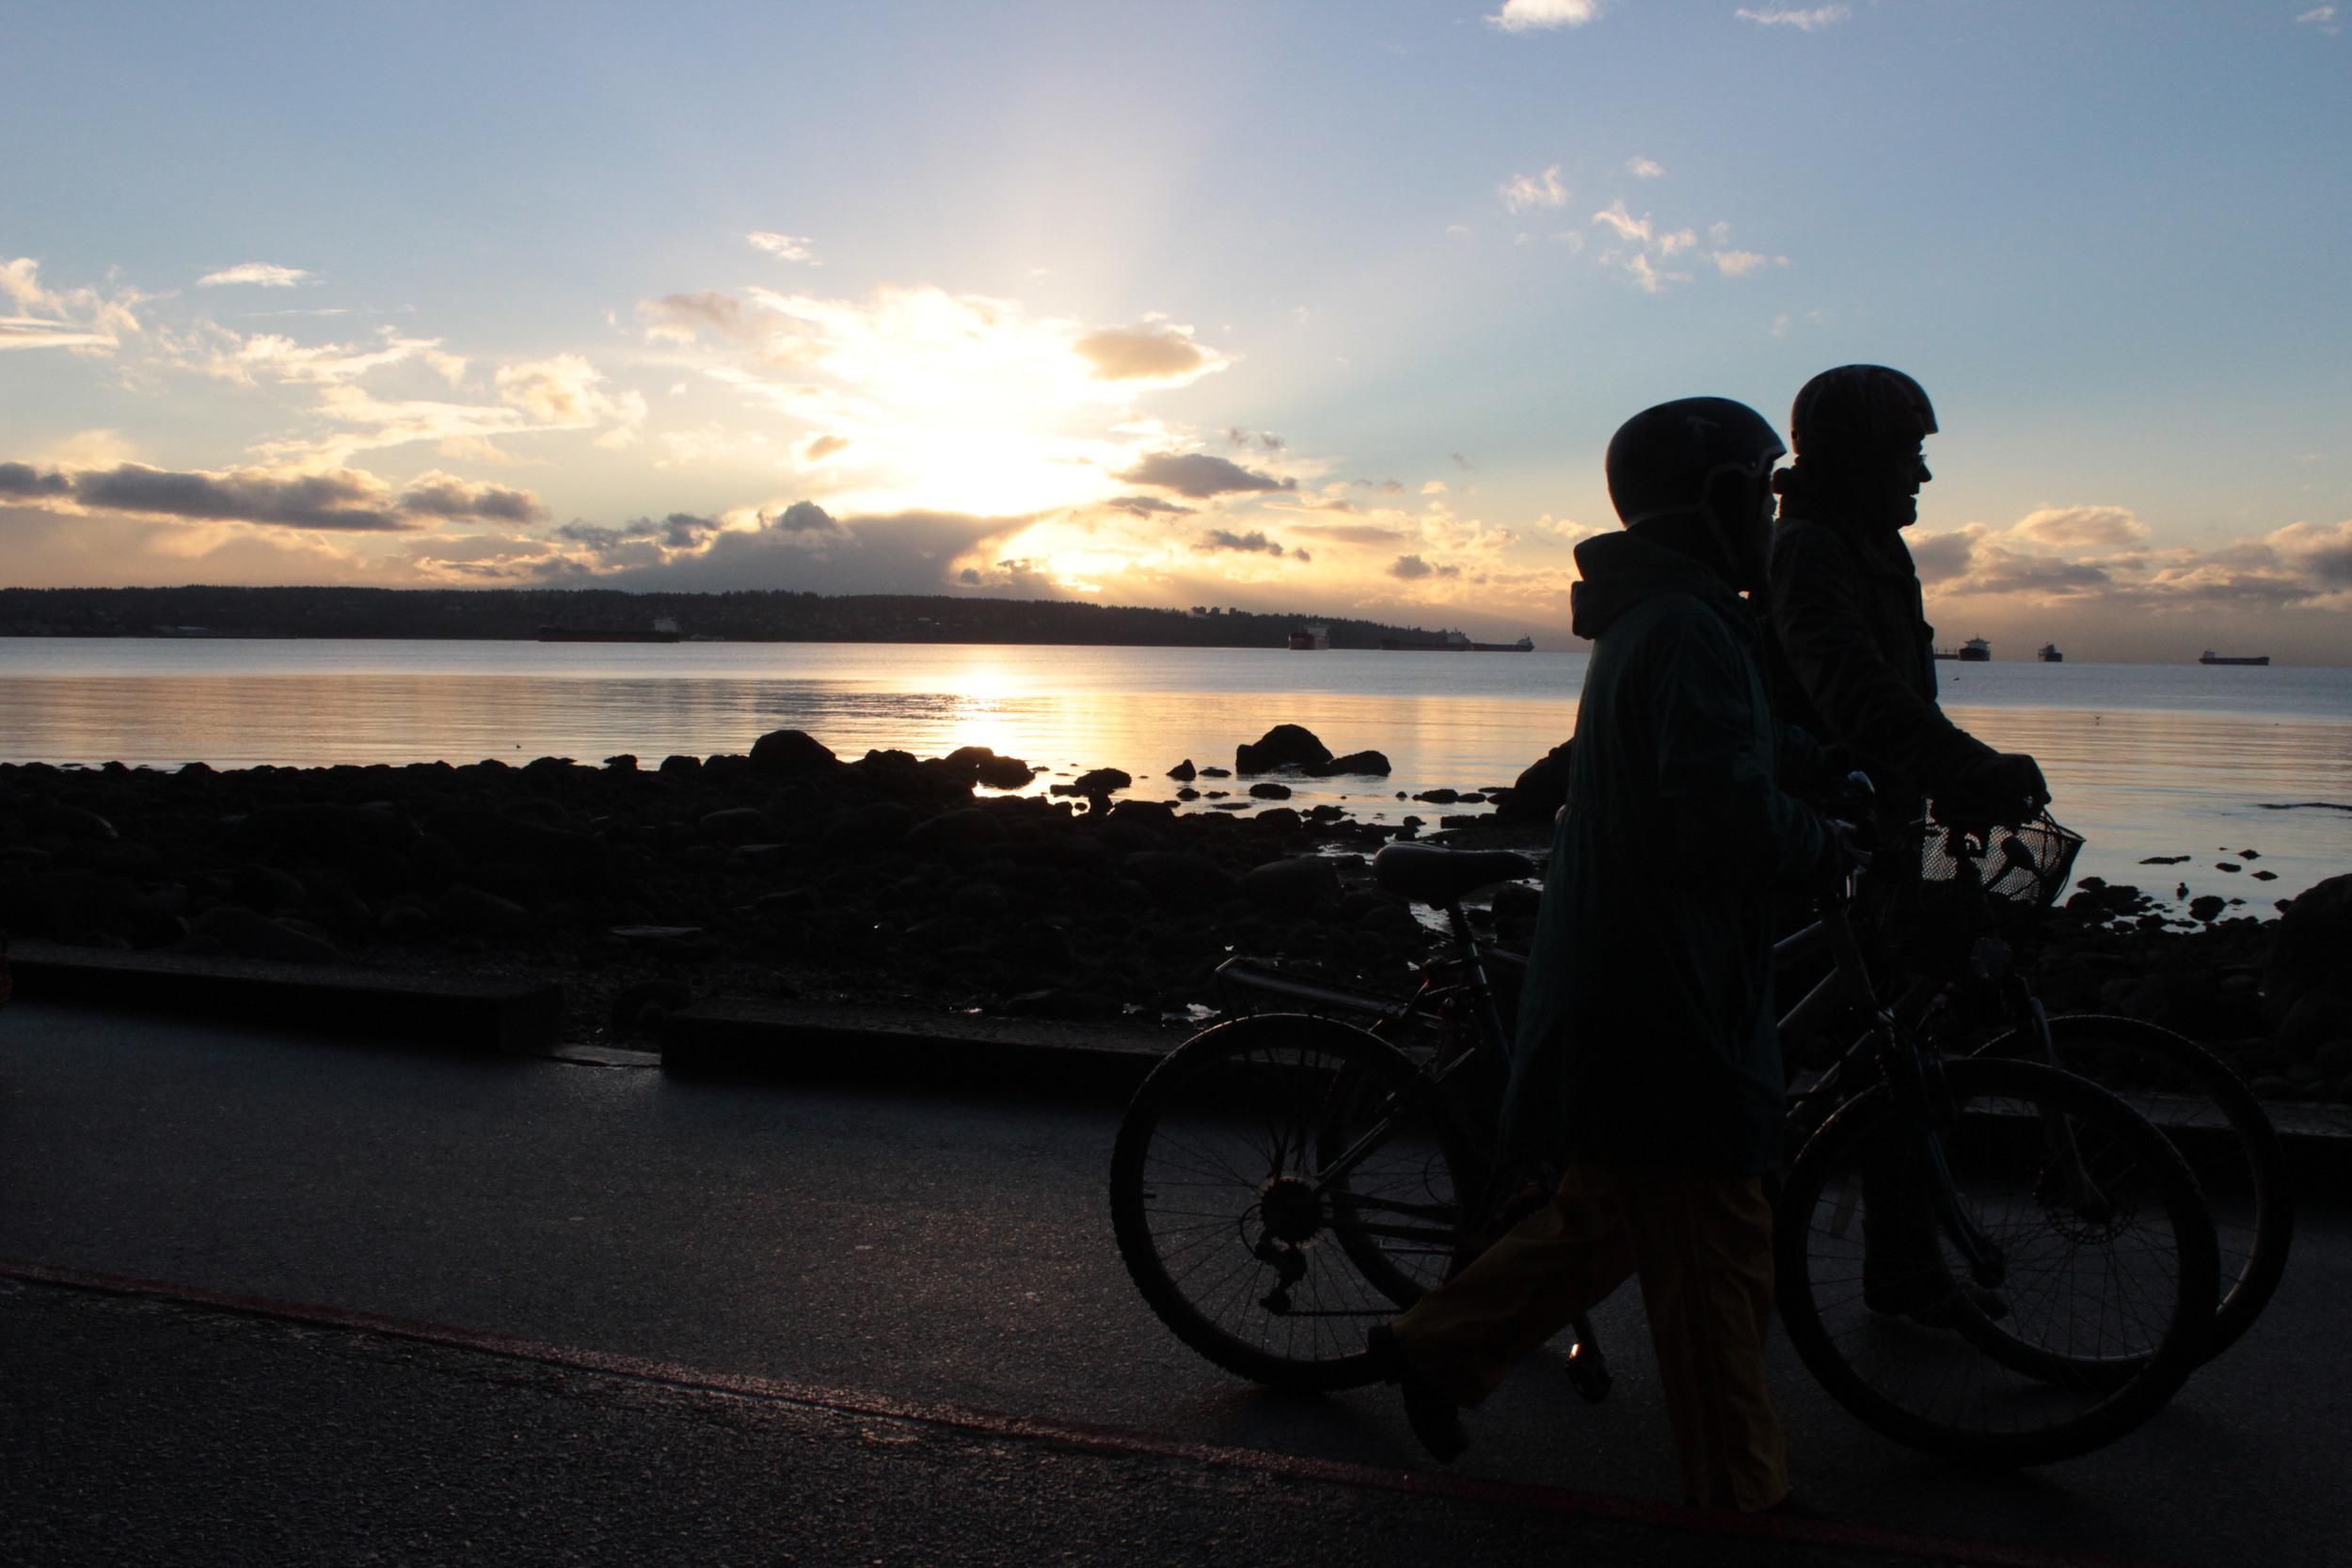 seawall_bikes.jpg